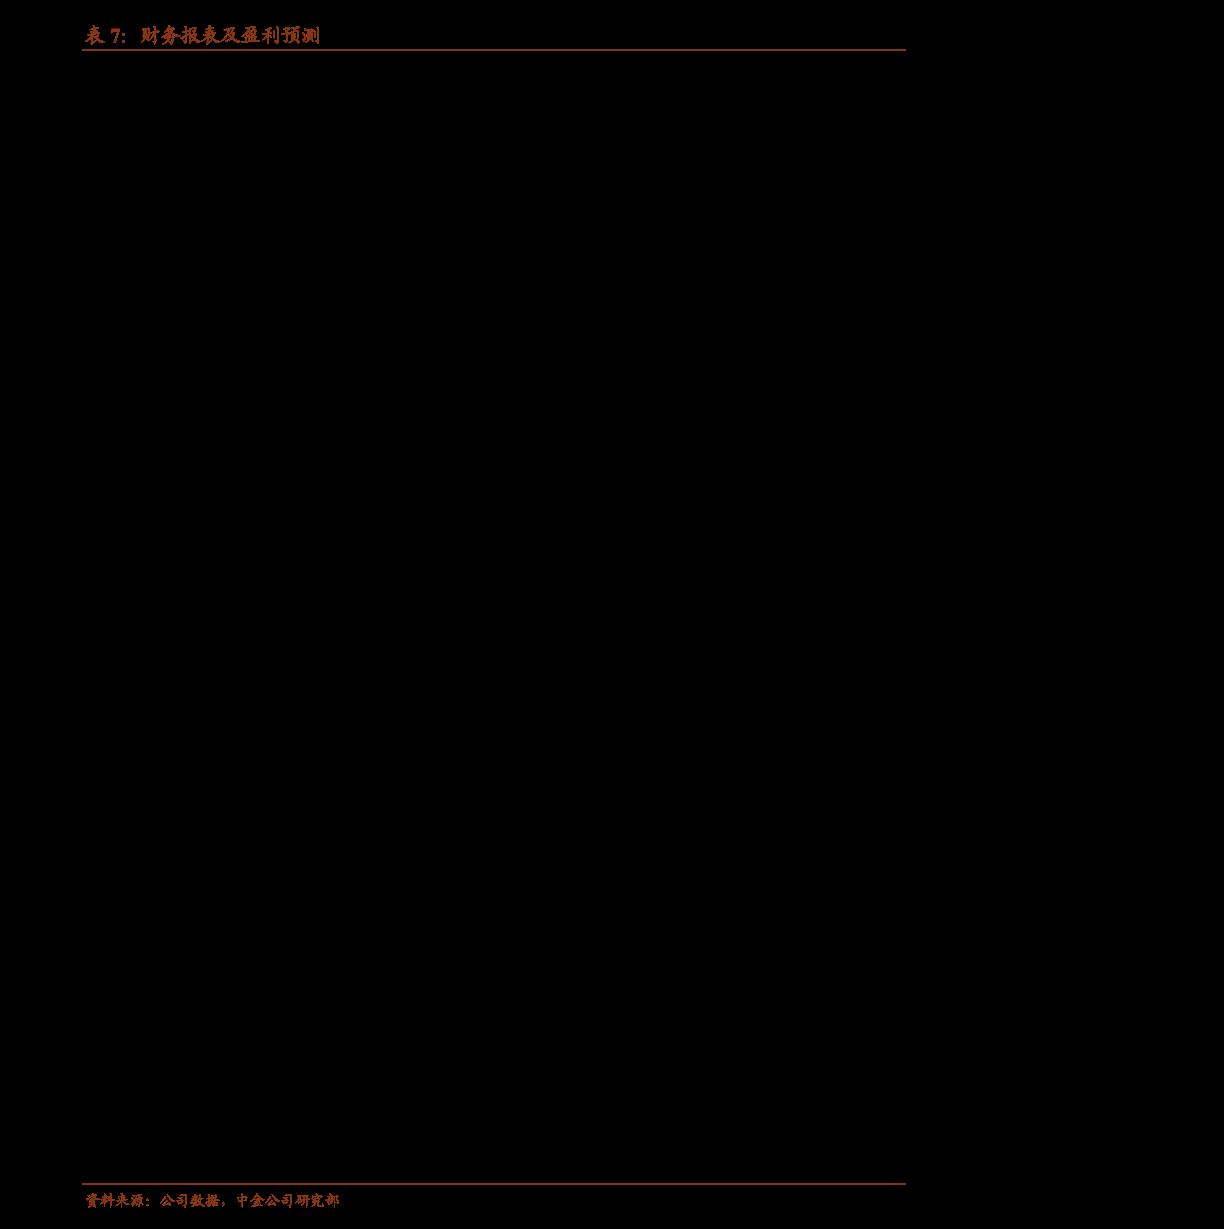 国元雷火电竞平台-金山办公-688111-公司点评报告:政府需求提前释放,付费用户强劲增长-201026